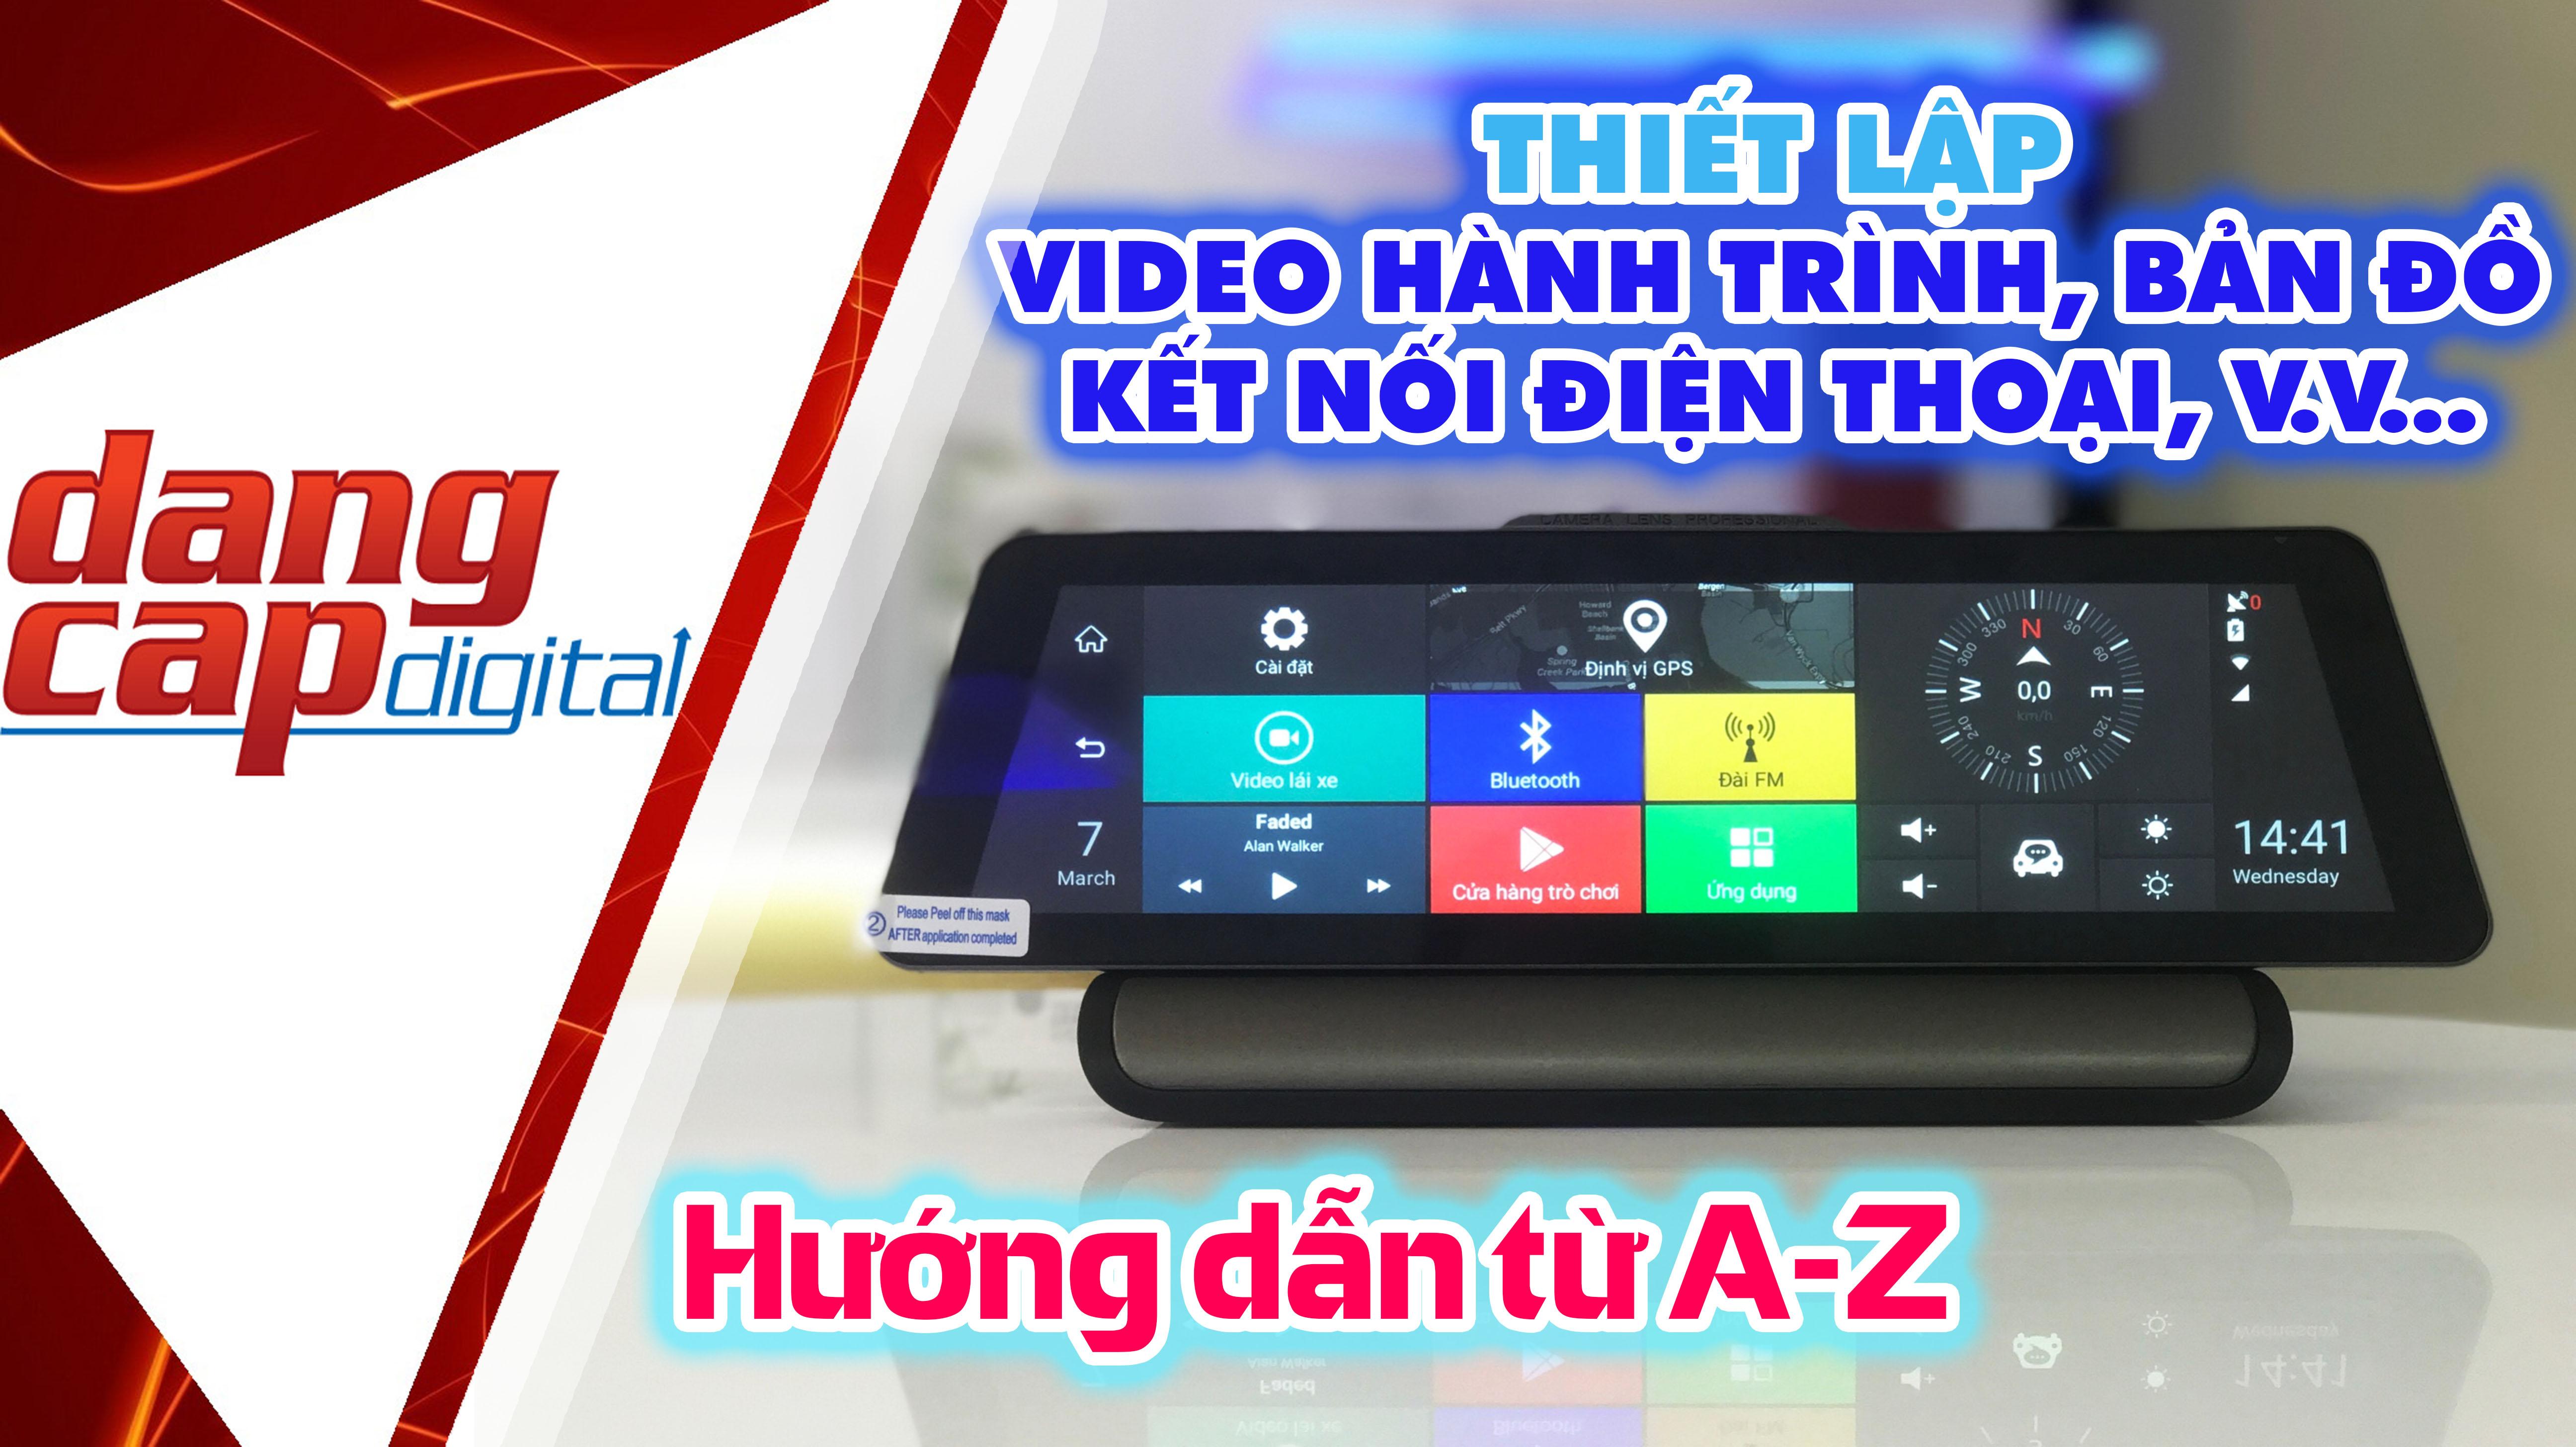 Hướng dẫn Procam T98 chi tiết A-Z: cài đặt bản đồ, camera, kết nối điện thoại